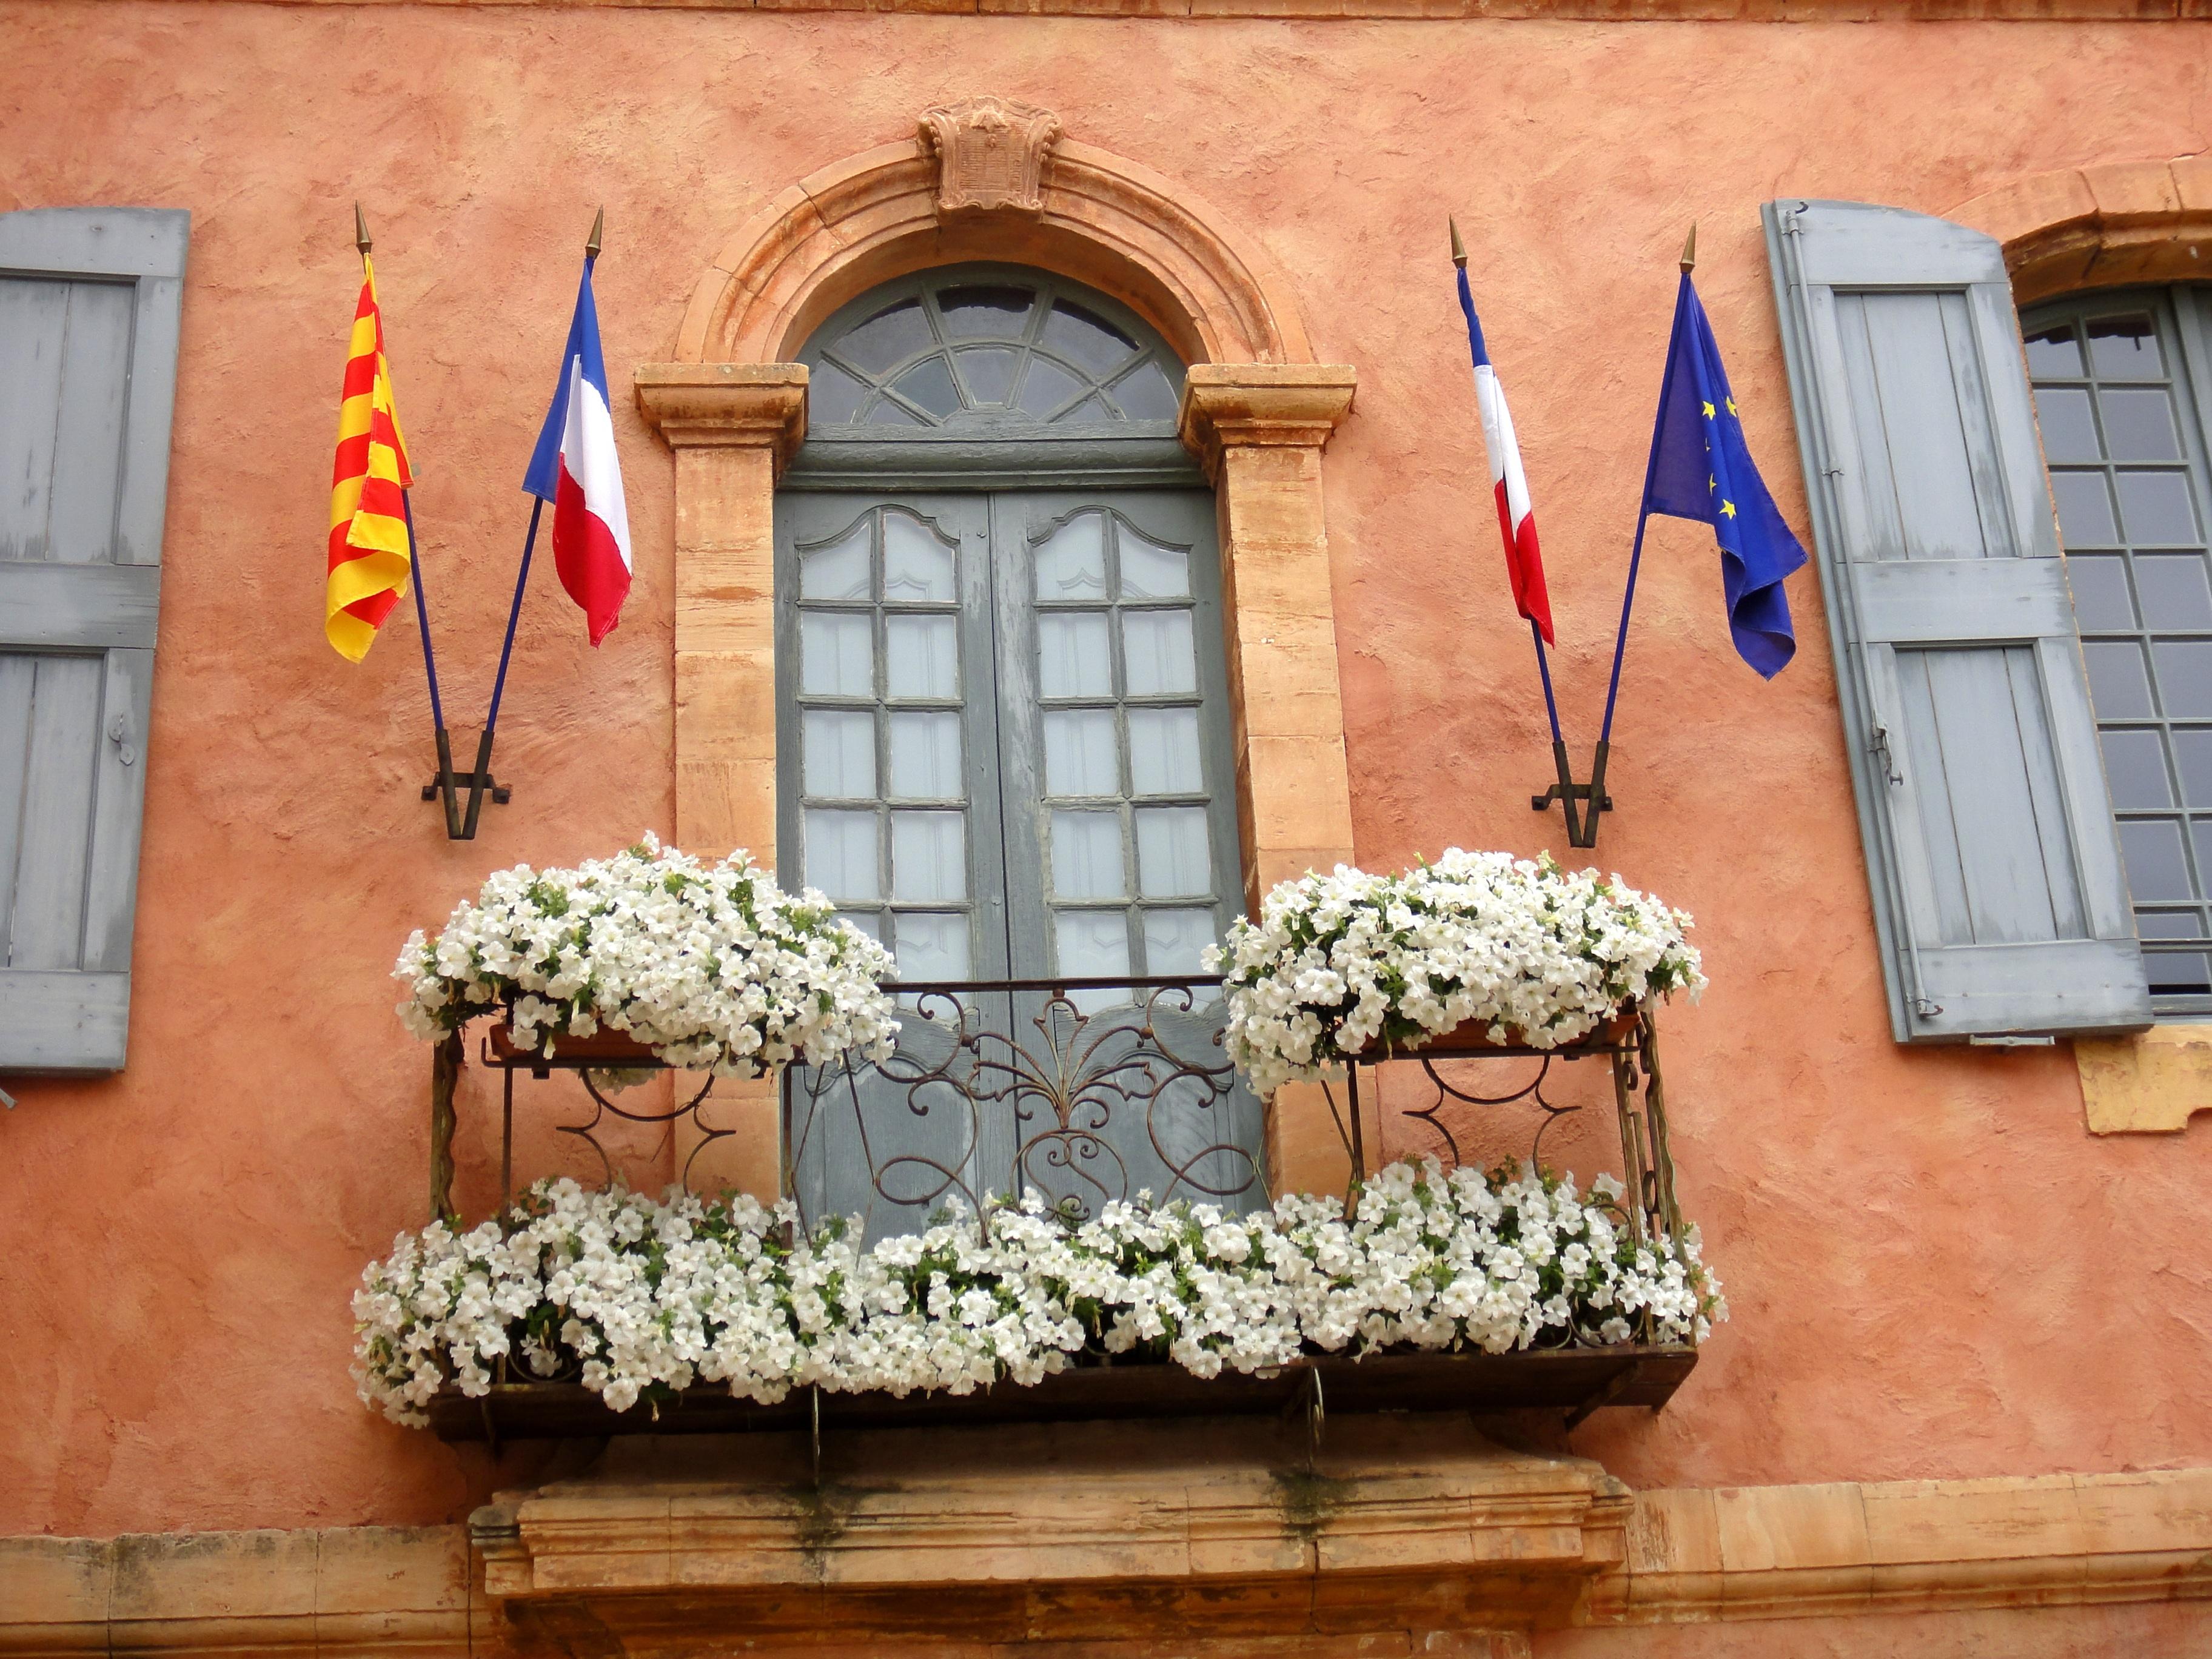 Couleurs Facades En Provence images gratuites : fleur, fenêtre, mur, balcon, printemps